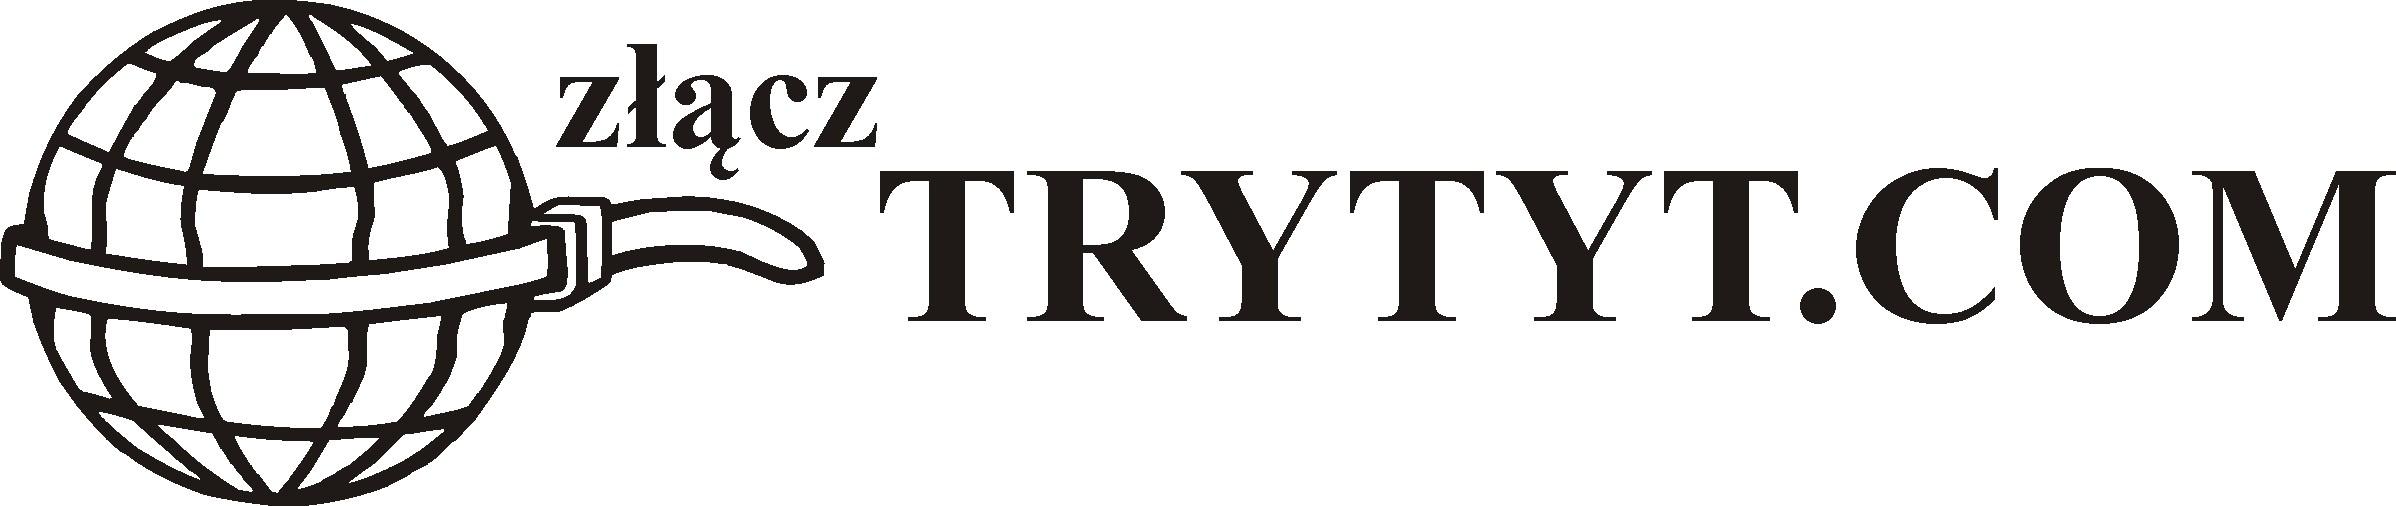 Trytyt